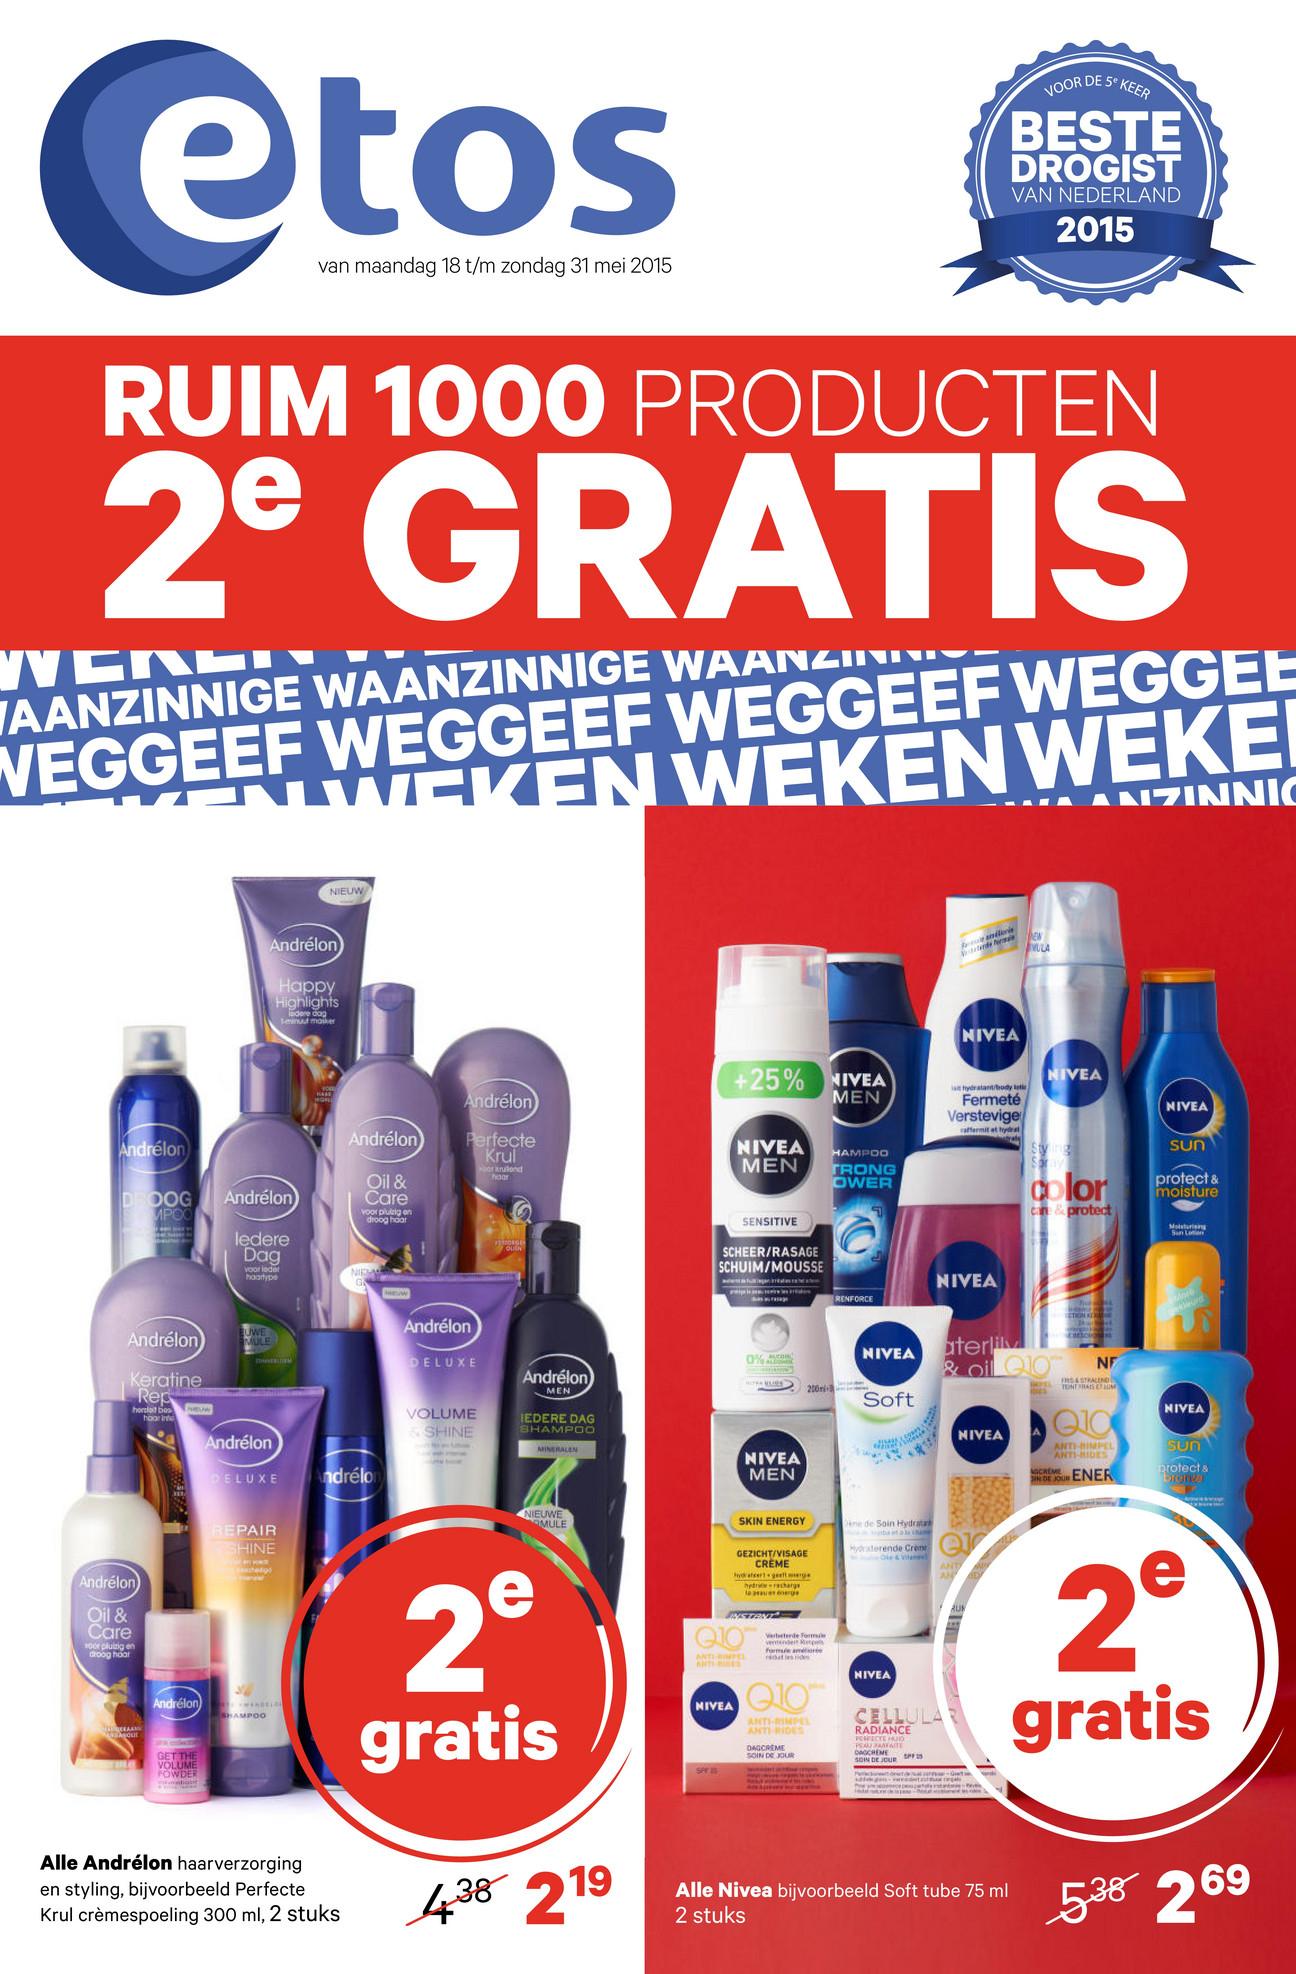 2e gratis op ruim 1000 prodocuten en parfum aanbieding @ Etos